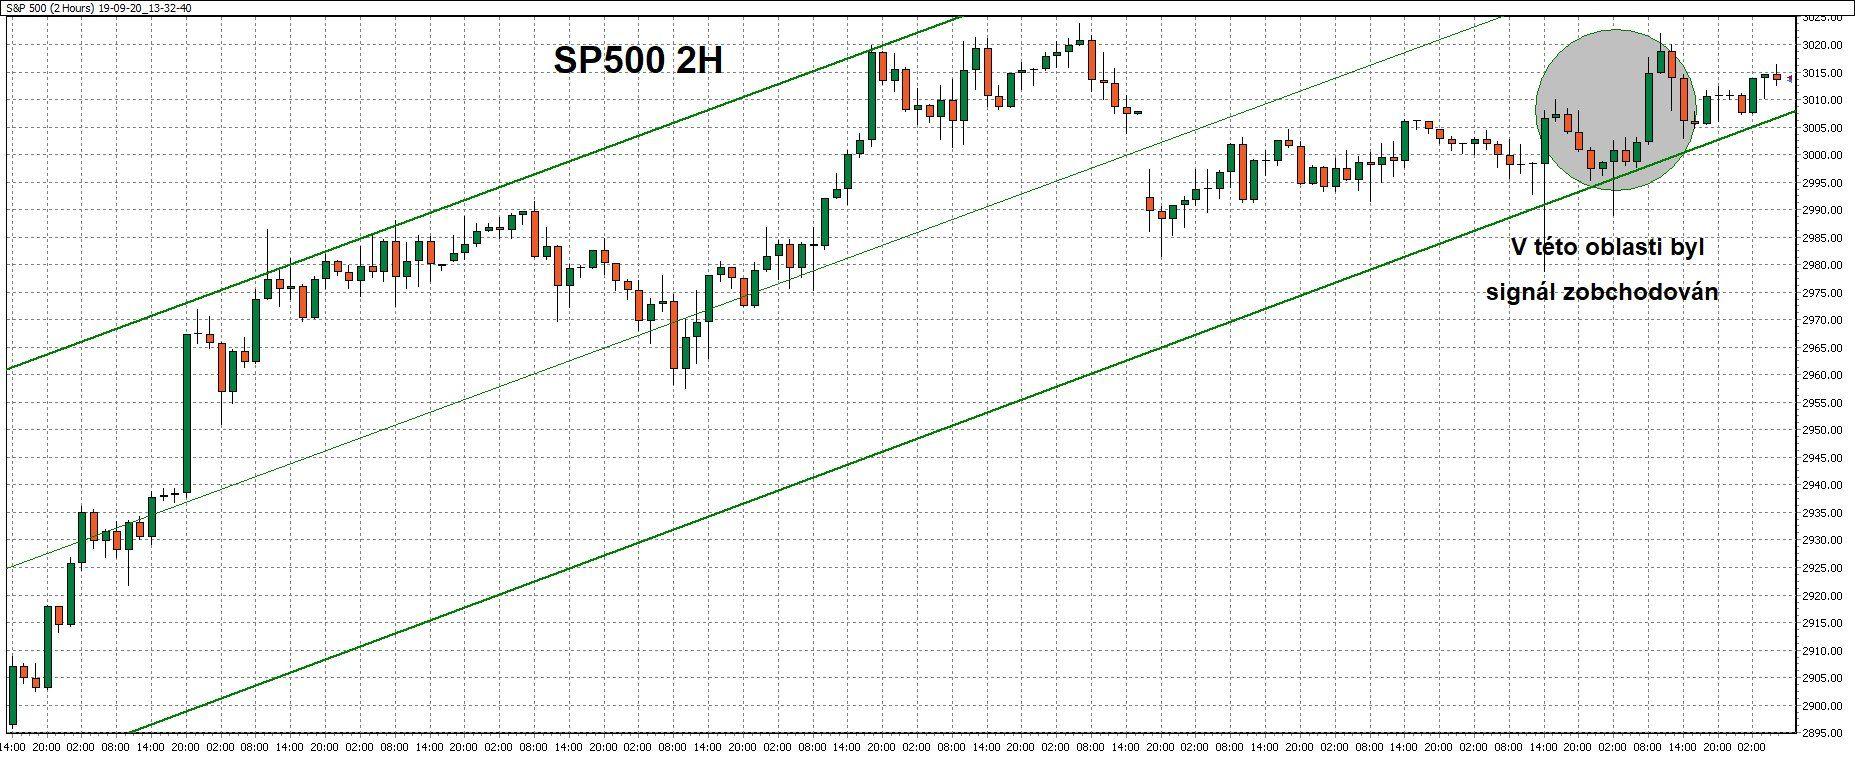 2hodinový graf - ukázka obchodu naakciovém indexu SP500 spomocí WinSignals